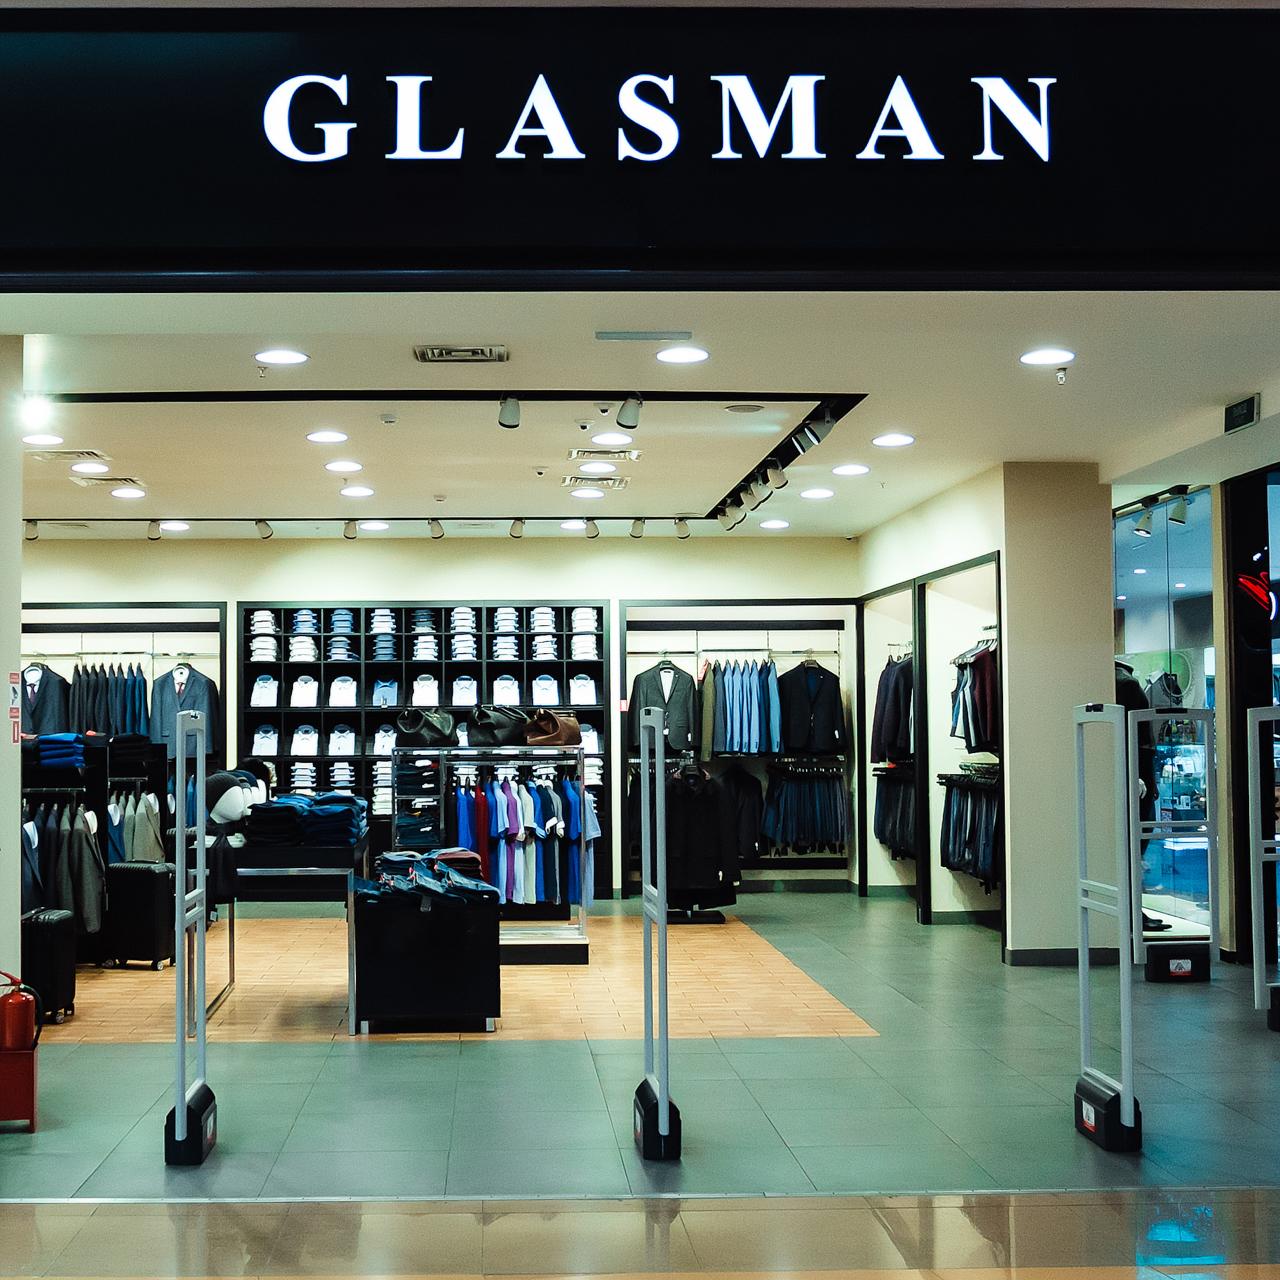 GLASMAN — это бренд классической мужской одежды